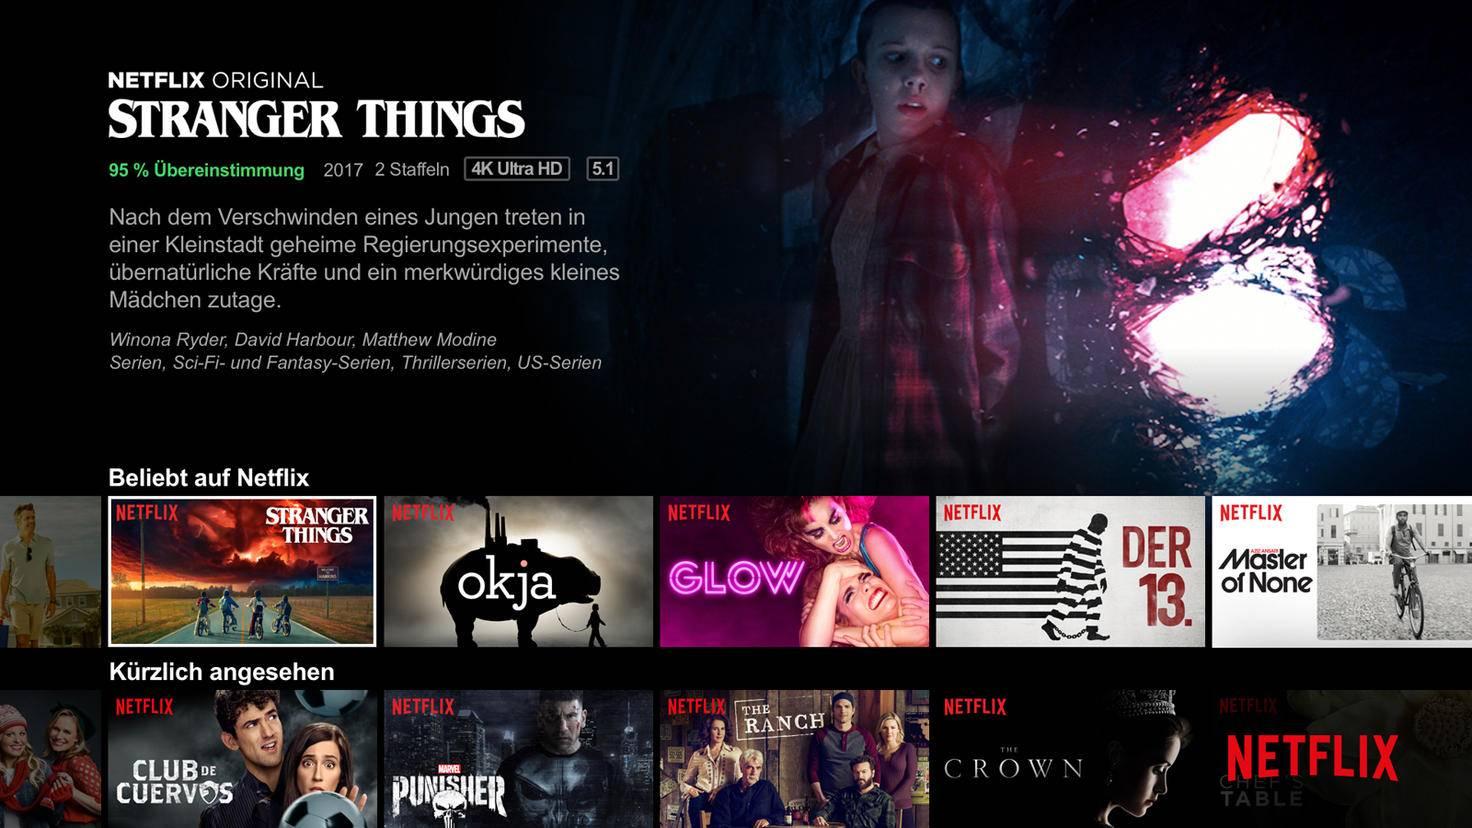 Es gibt viele versteckte Kategorien bei Netflix, die Du über geheime Codes findest.